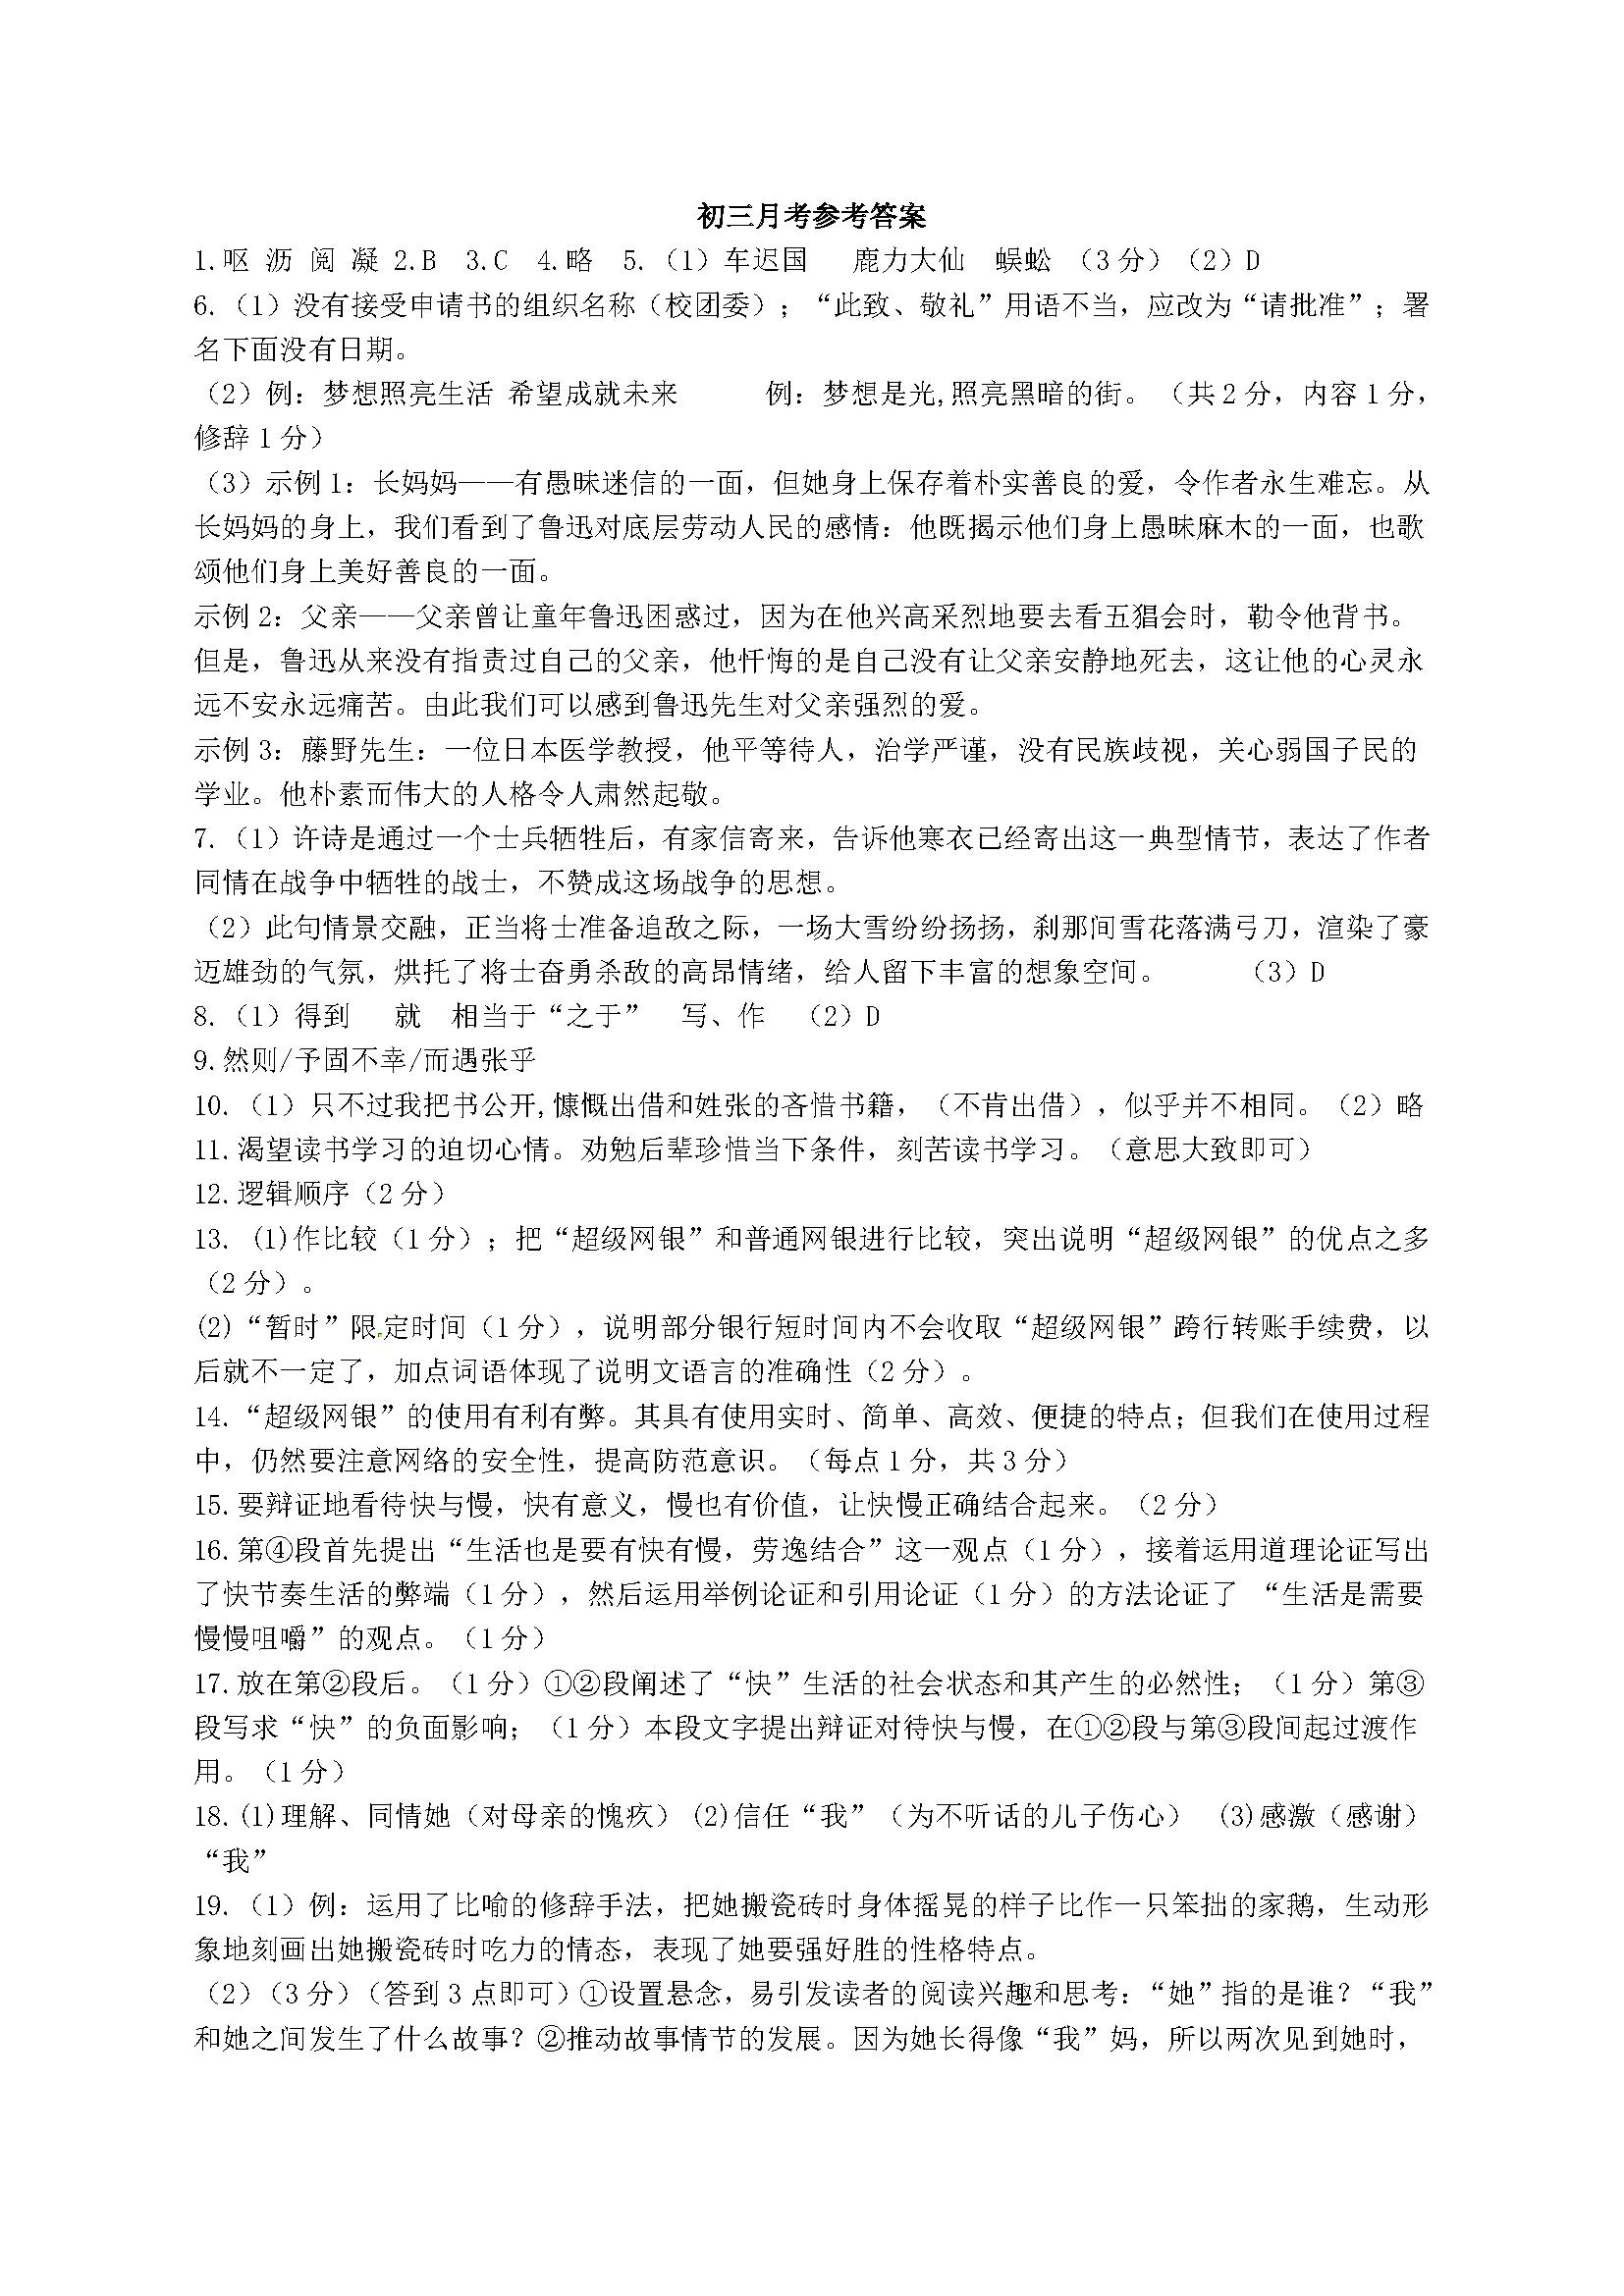 2017届江苏泰州民兴实验中学九年级下第一次月考语文试题答案(图片版)